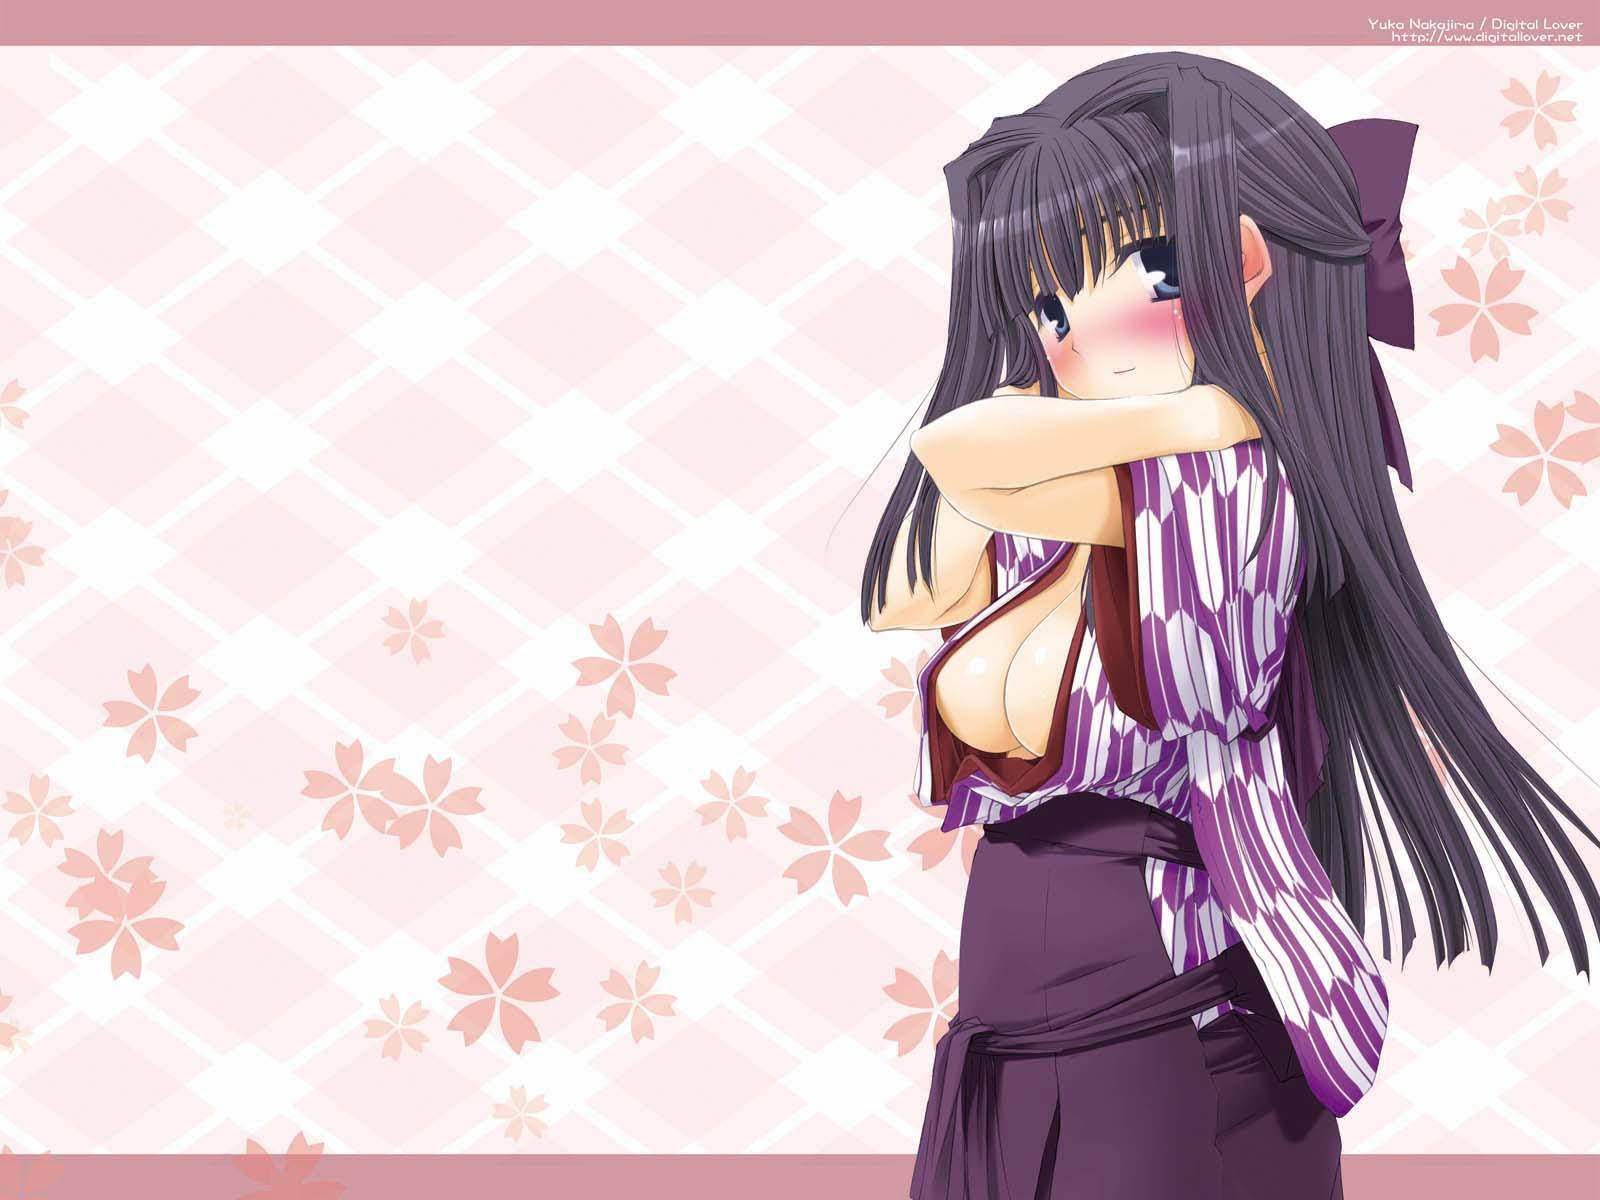 black_hair blue_eyes blush breasts cleavage digital_lover japanese_clothes nakajima_yuka open_shirt ribbons tagme